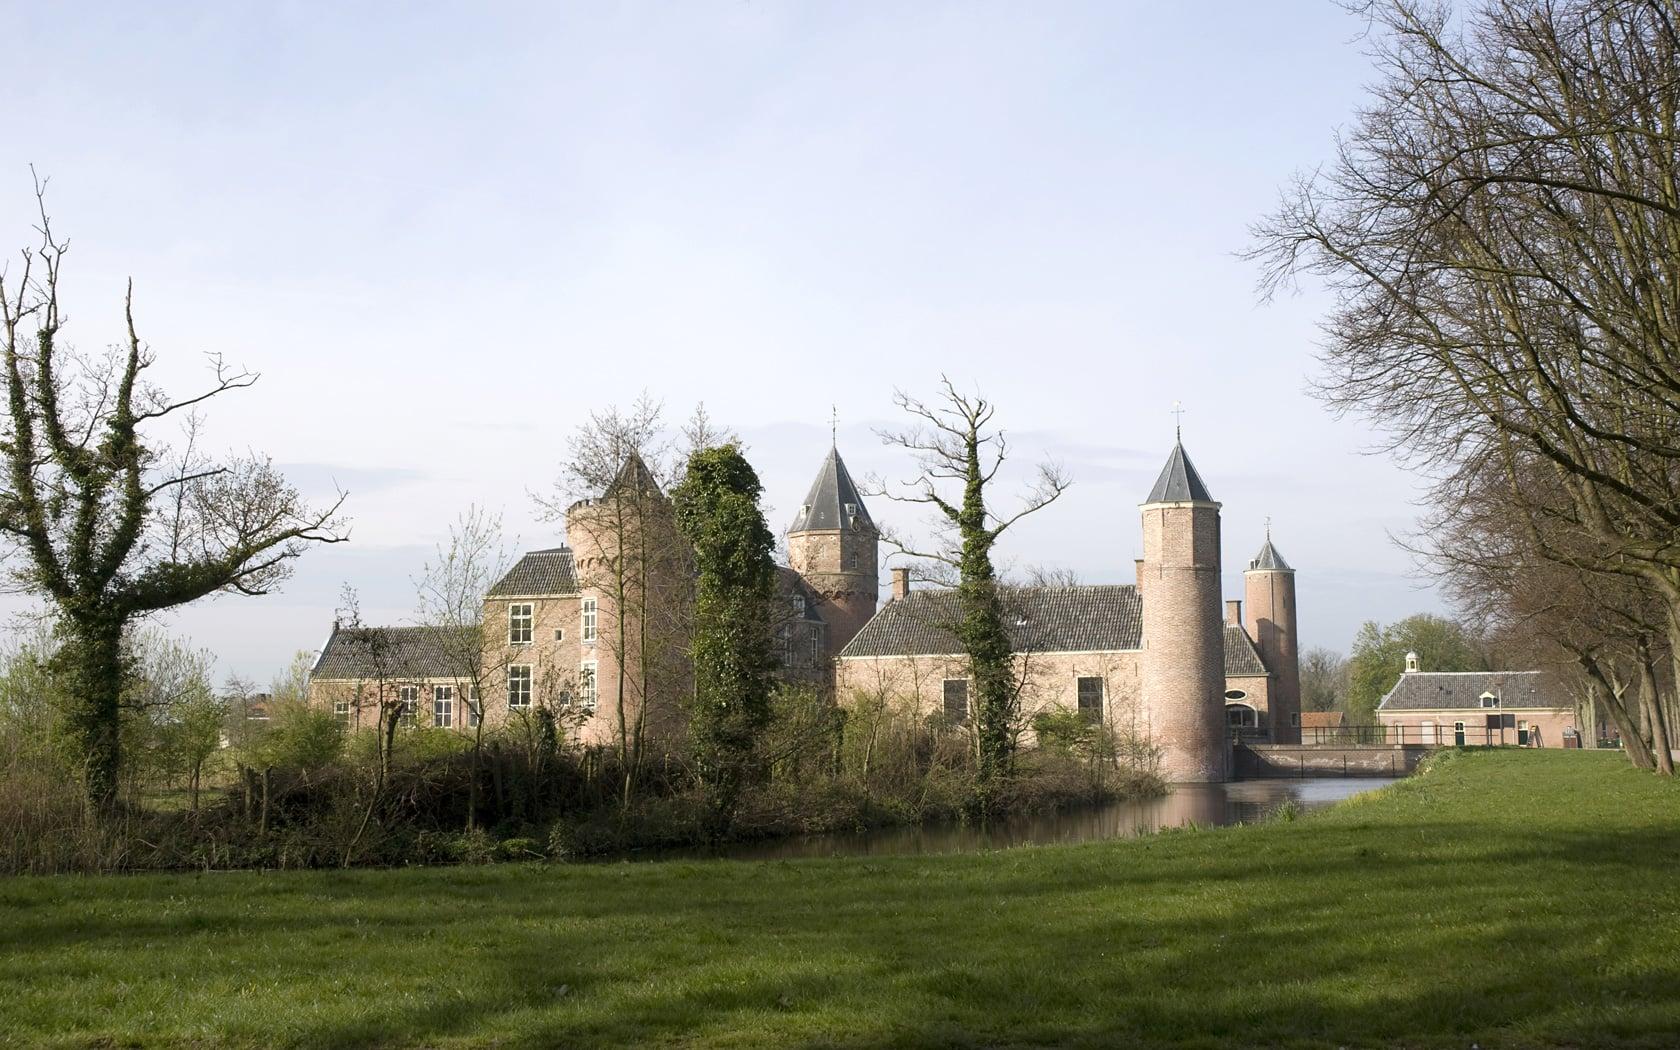 Surroundings - Hotel de Burg